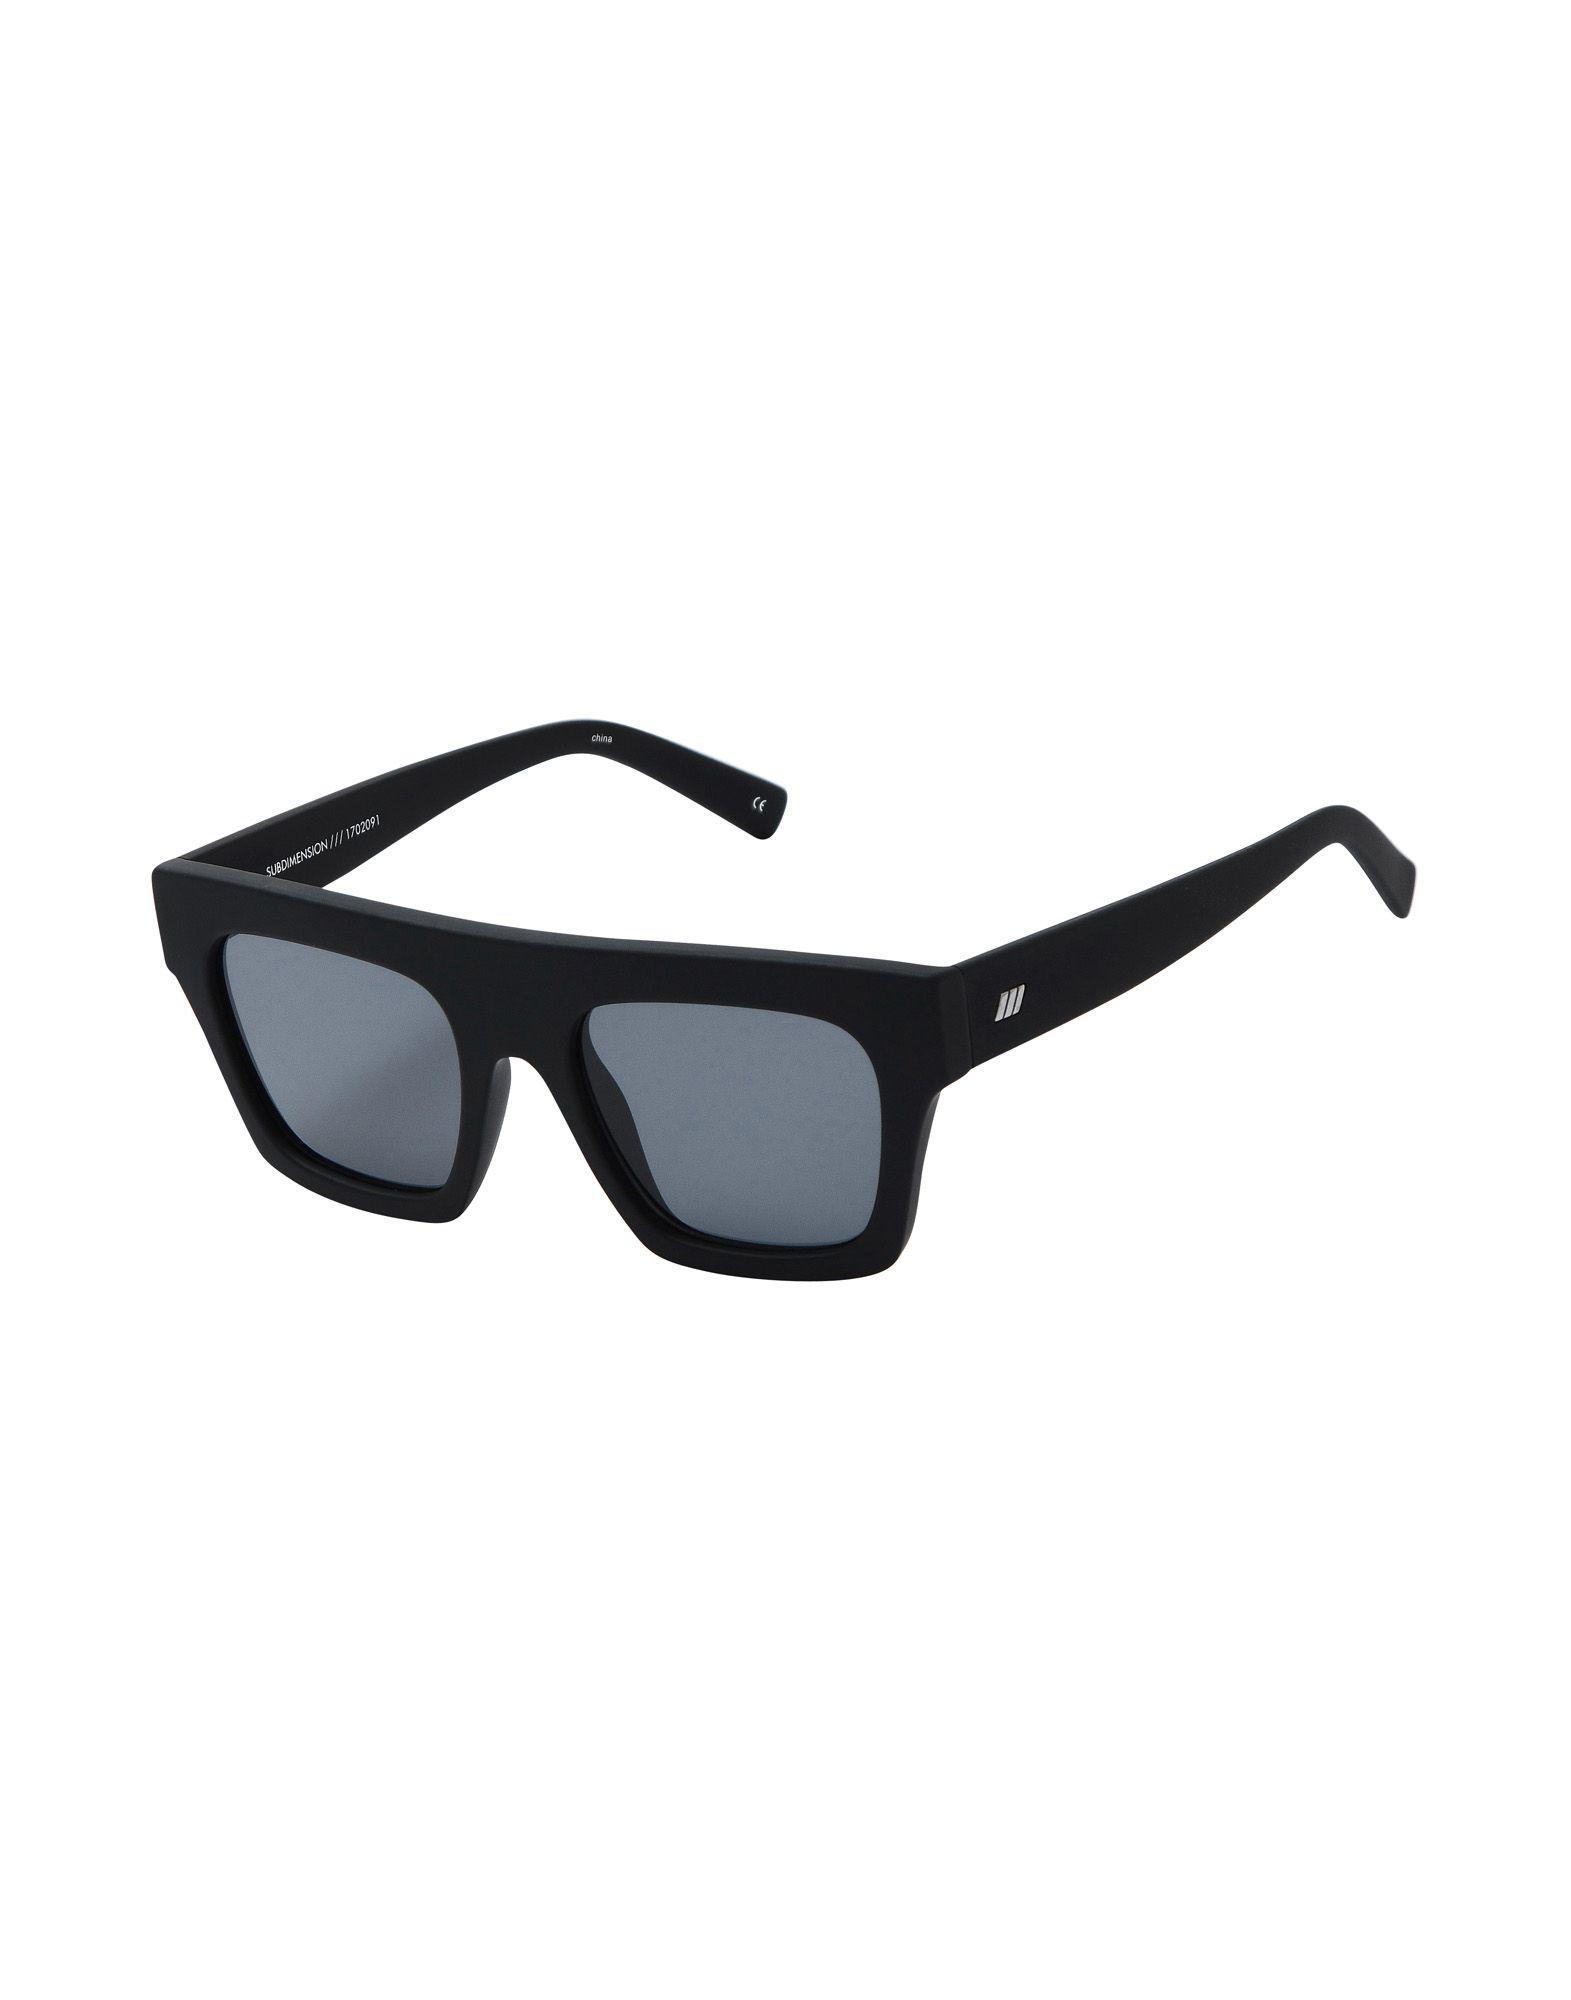 Lyst - Lunettes de soleil Le Specs pour homme en coloris Noir 9a1d05be1ee4